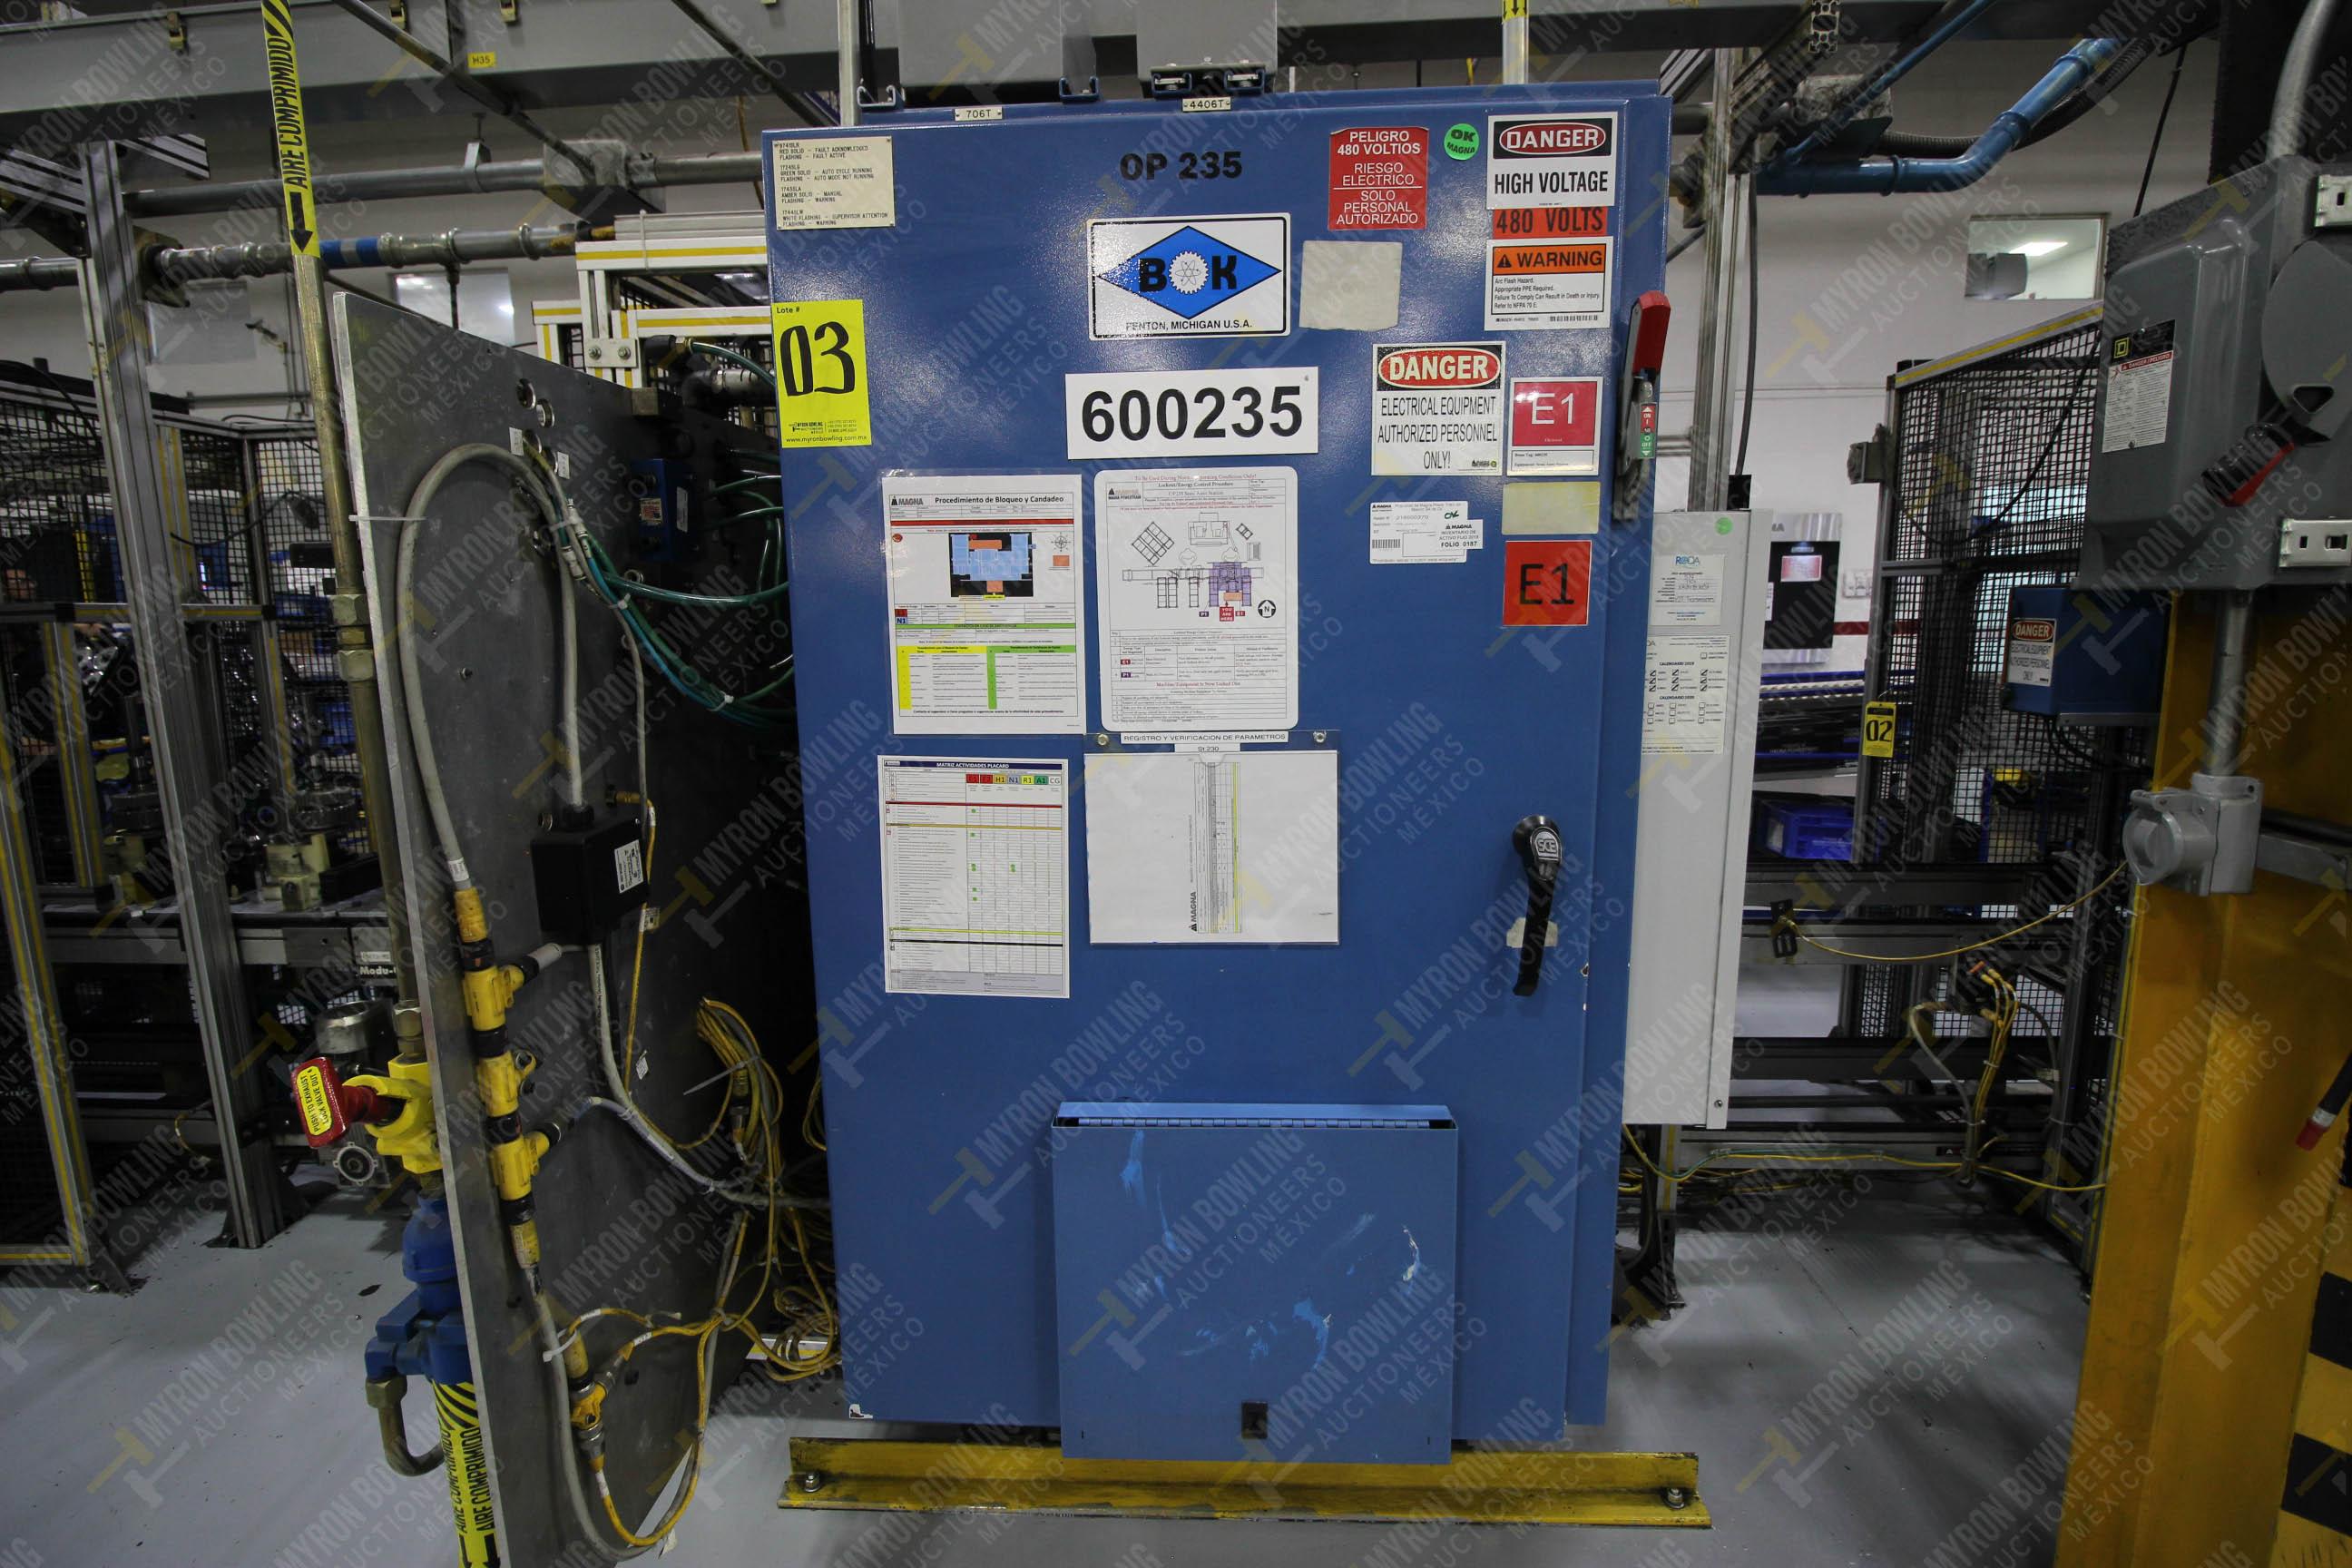 Estación semiautomáticapara operación 235 de ensamble de candado - Image 15 of 22